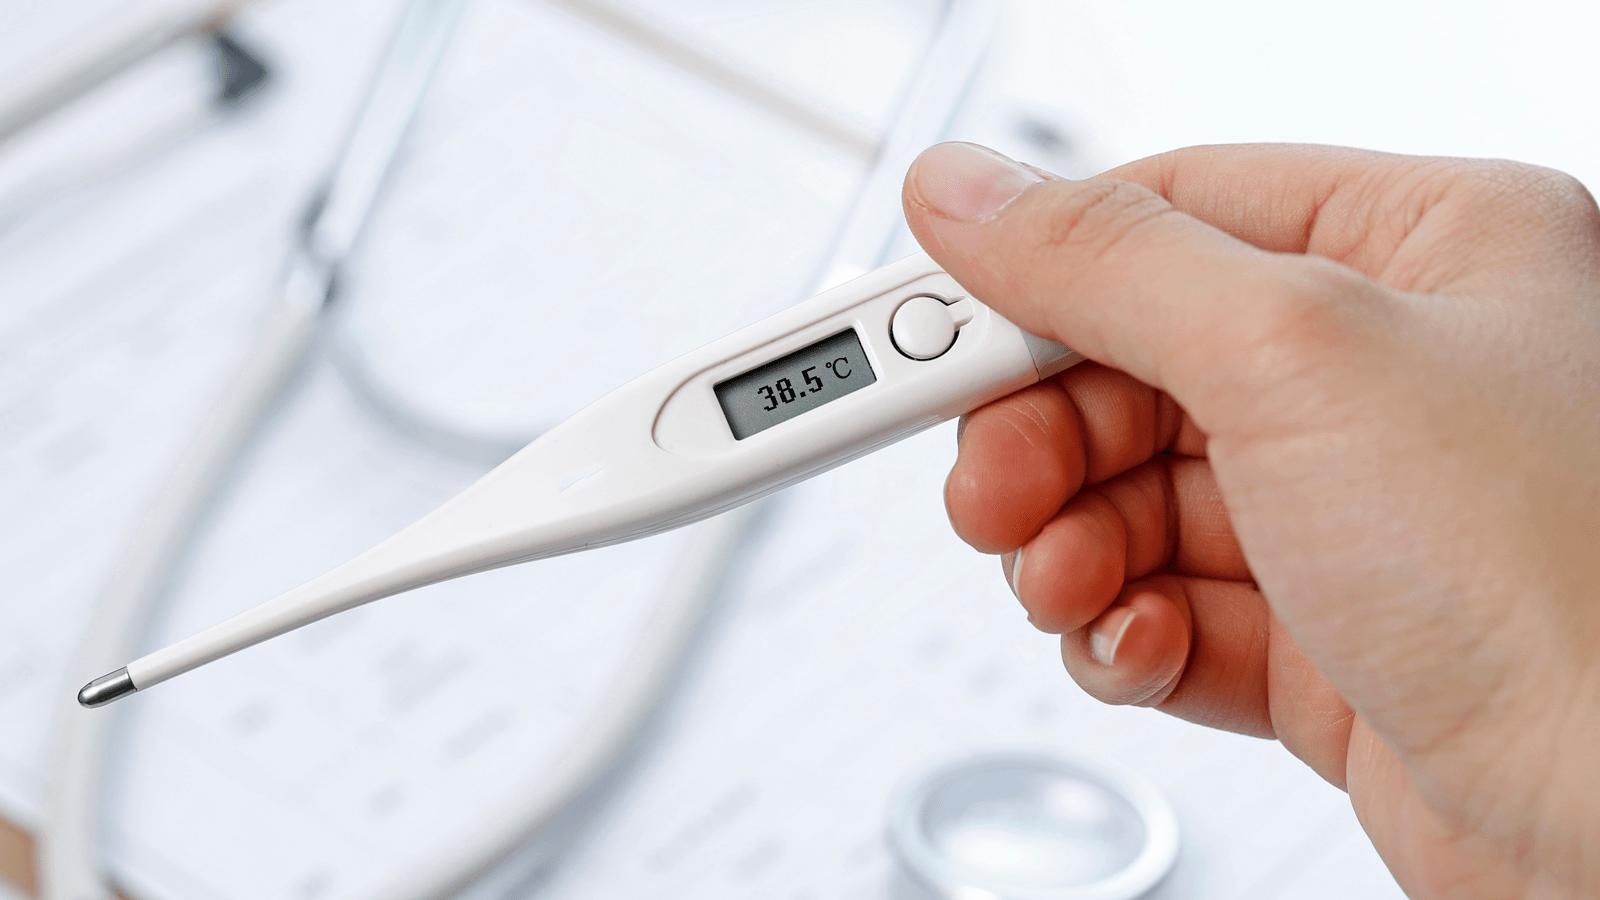 Trẻ trên 6 tháng tuổi sốt trên 38,5 độ C cần được đi khám bác sĩ